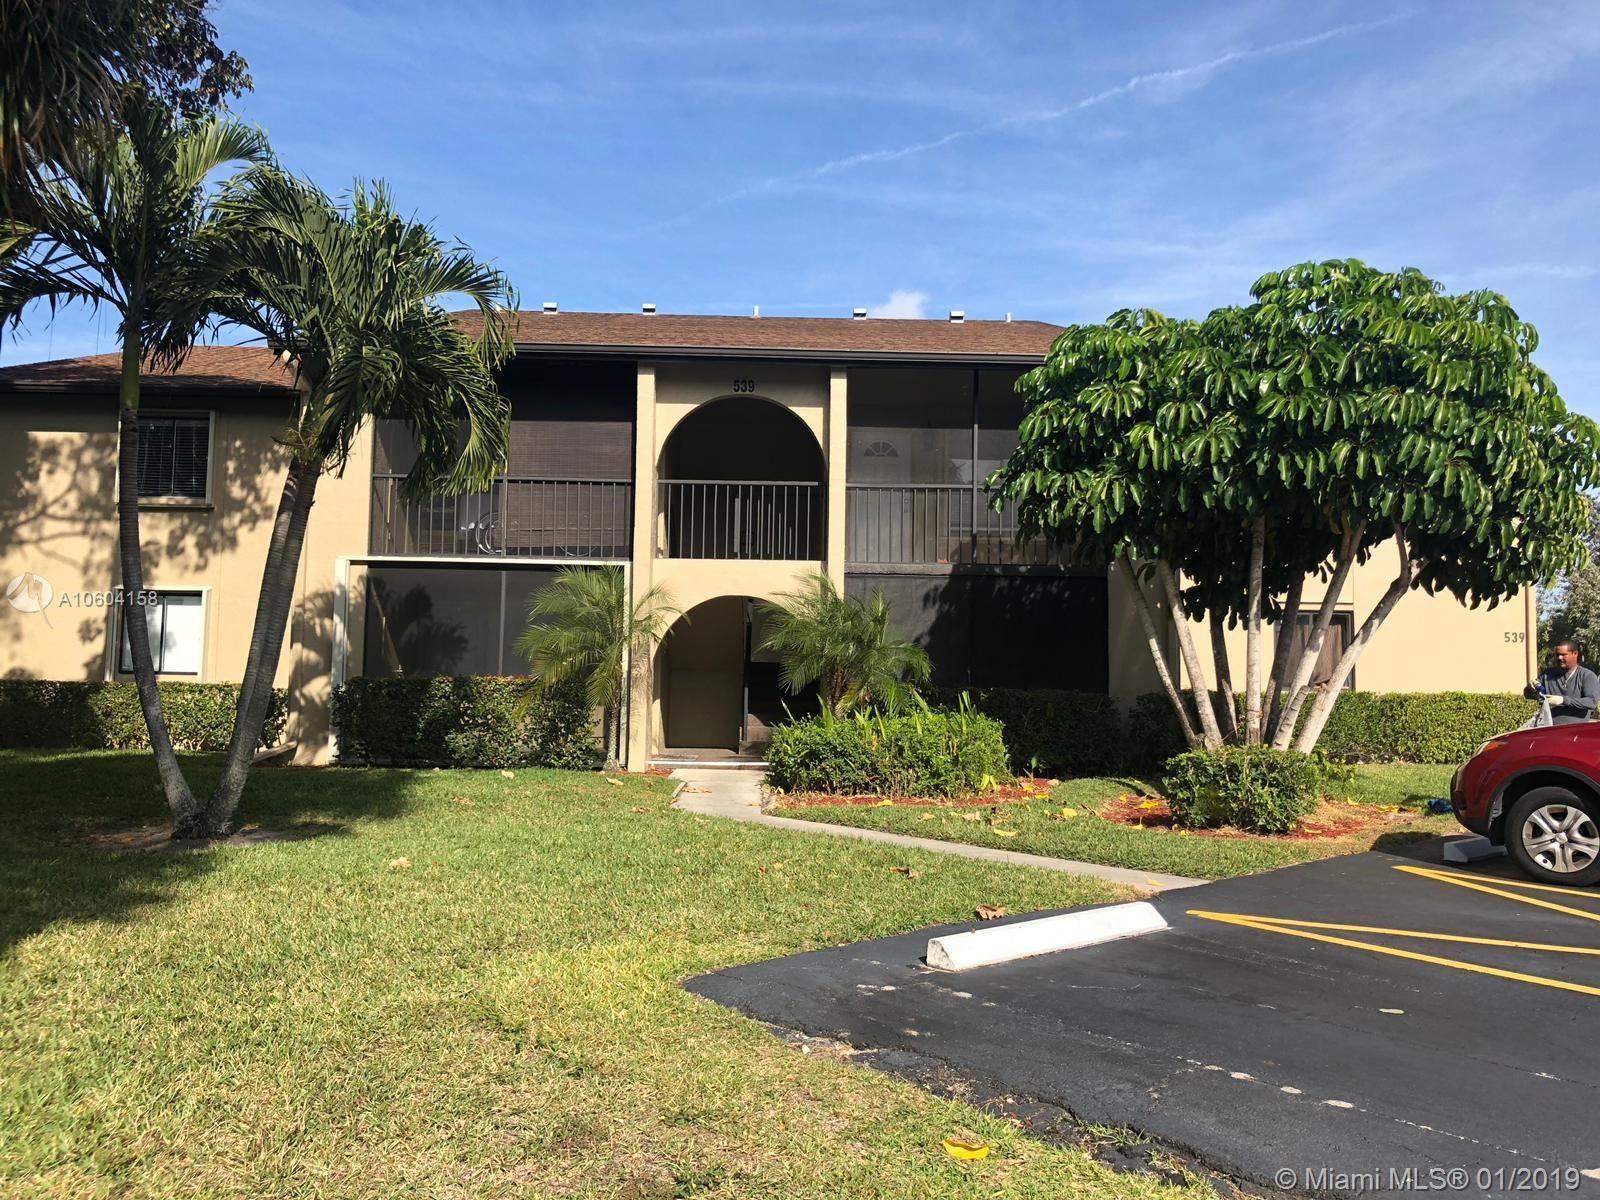 539 Shady Pine Way A1, Green Acres, FL 33415